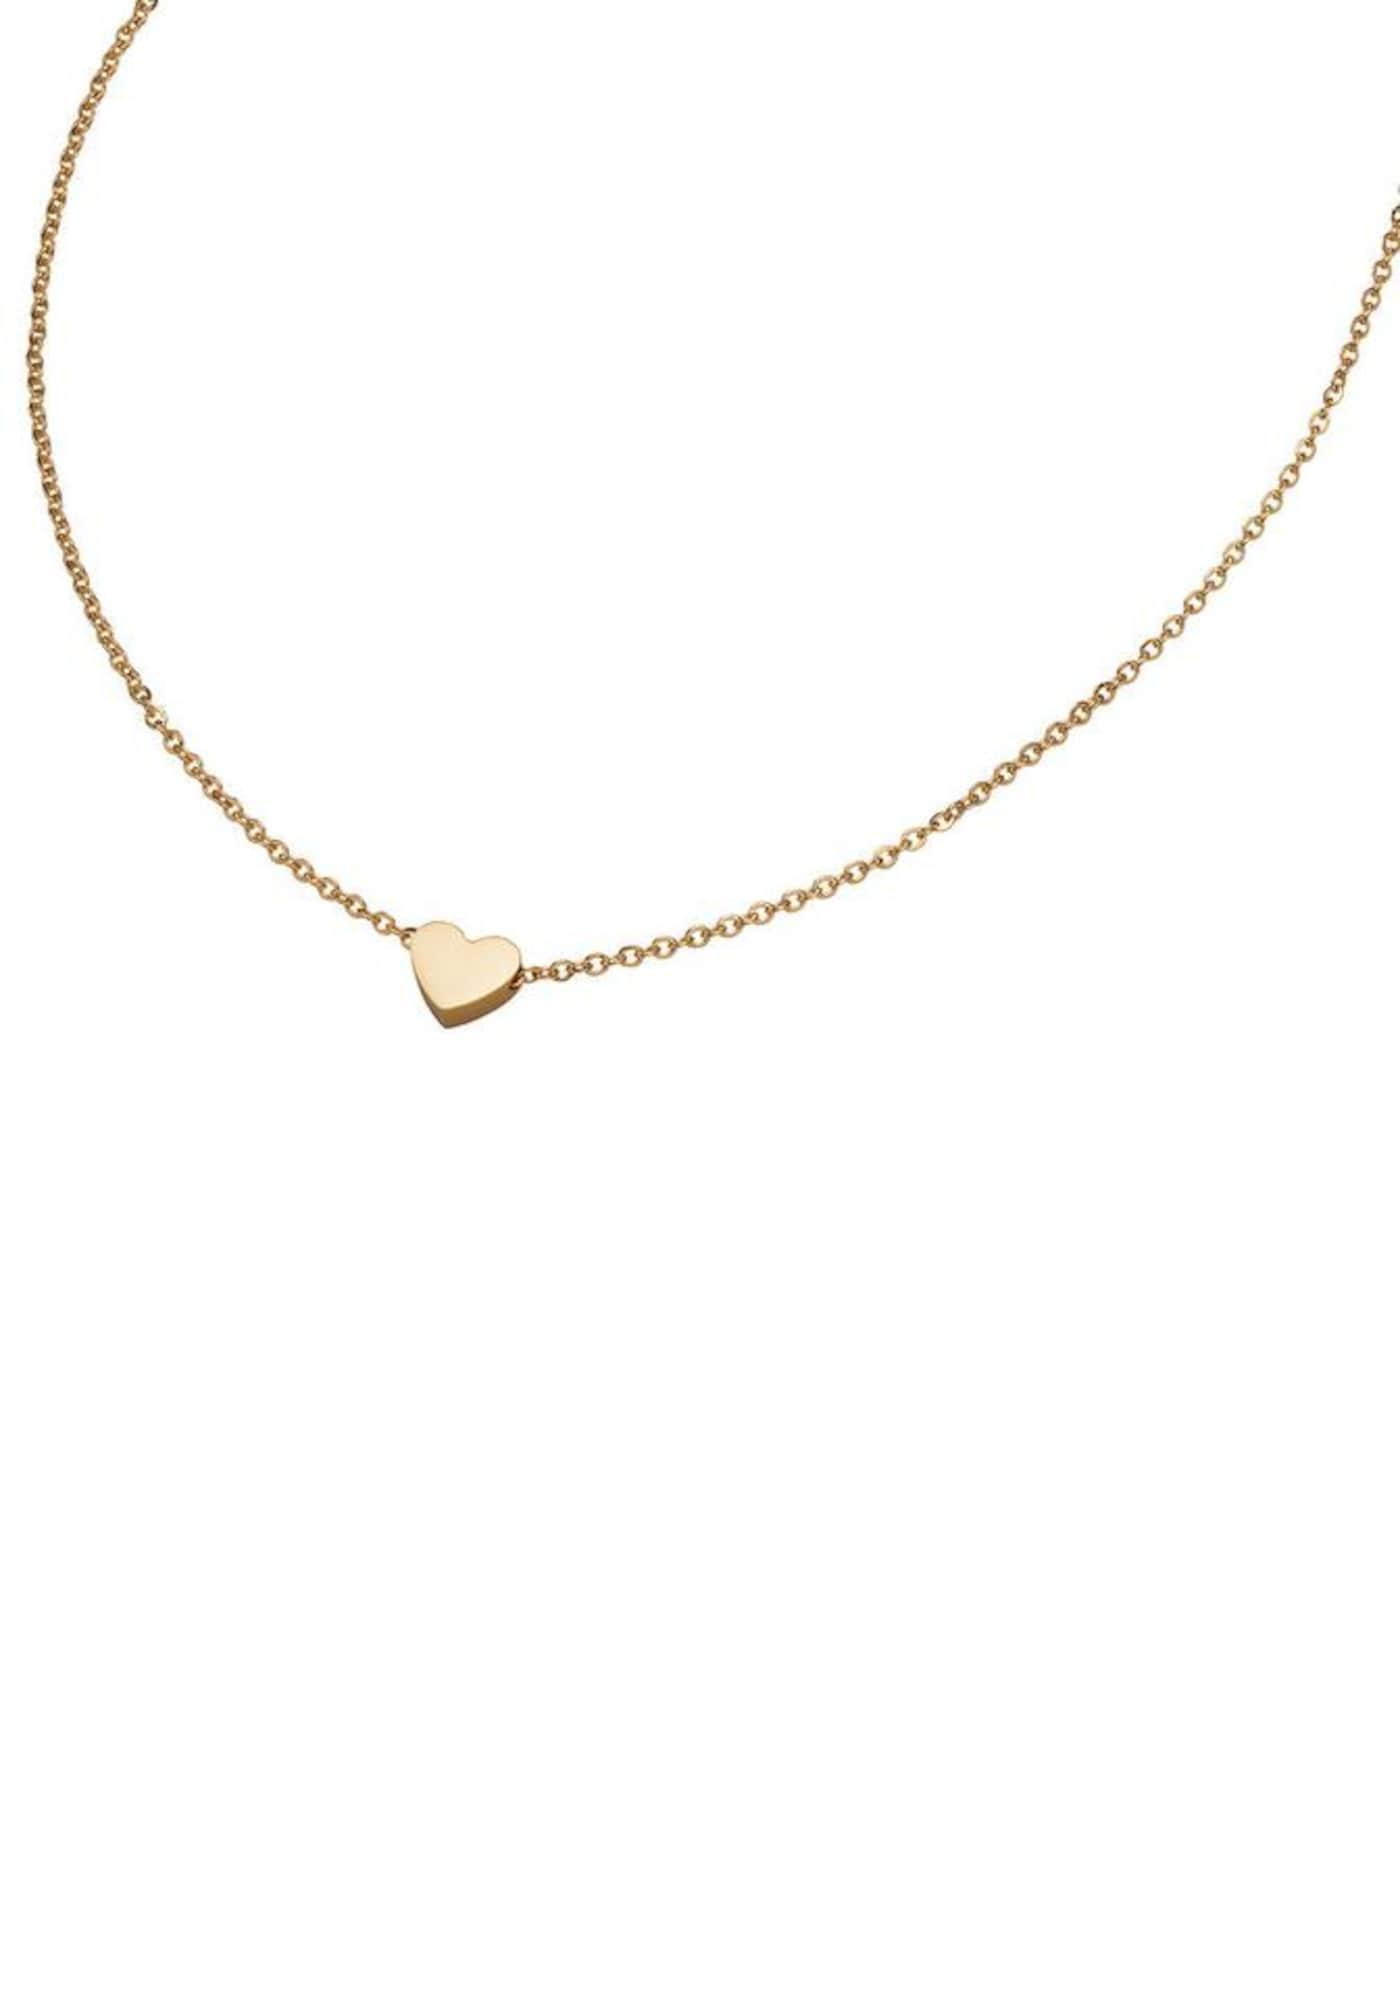 Kette mit Anhänger 'Little Symbols' | Schmuck > Halsketten > Ketten mit Anhänger | Gold | M&M GERMANY